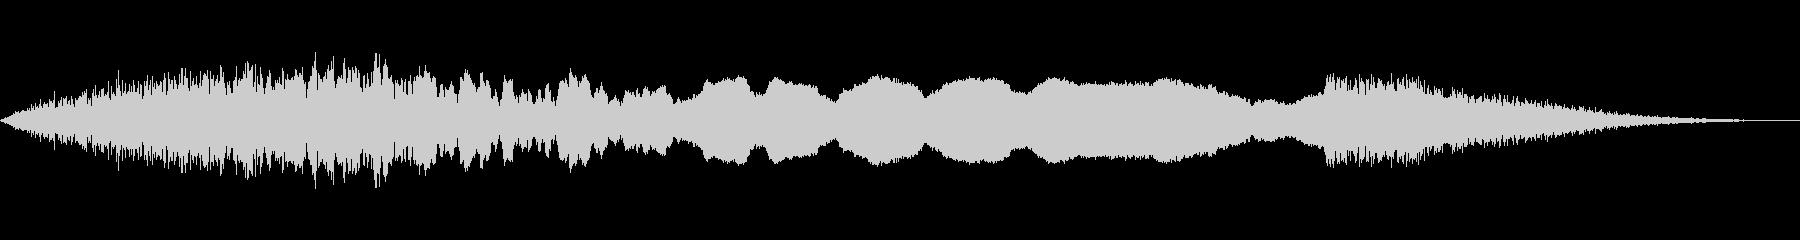 アラーム、サイレン、エアRAID、...の未再生の波形